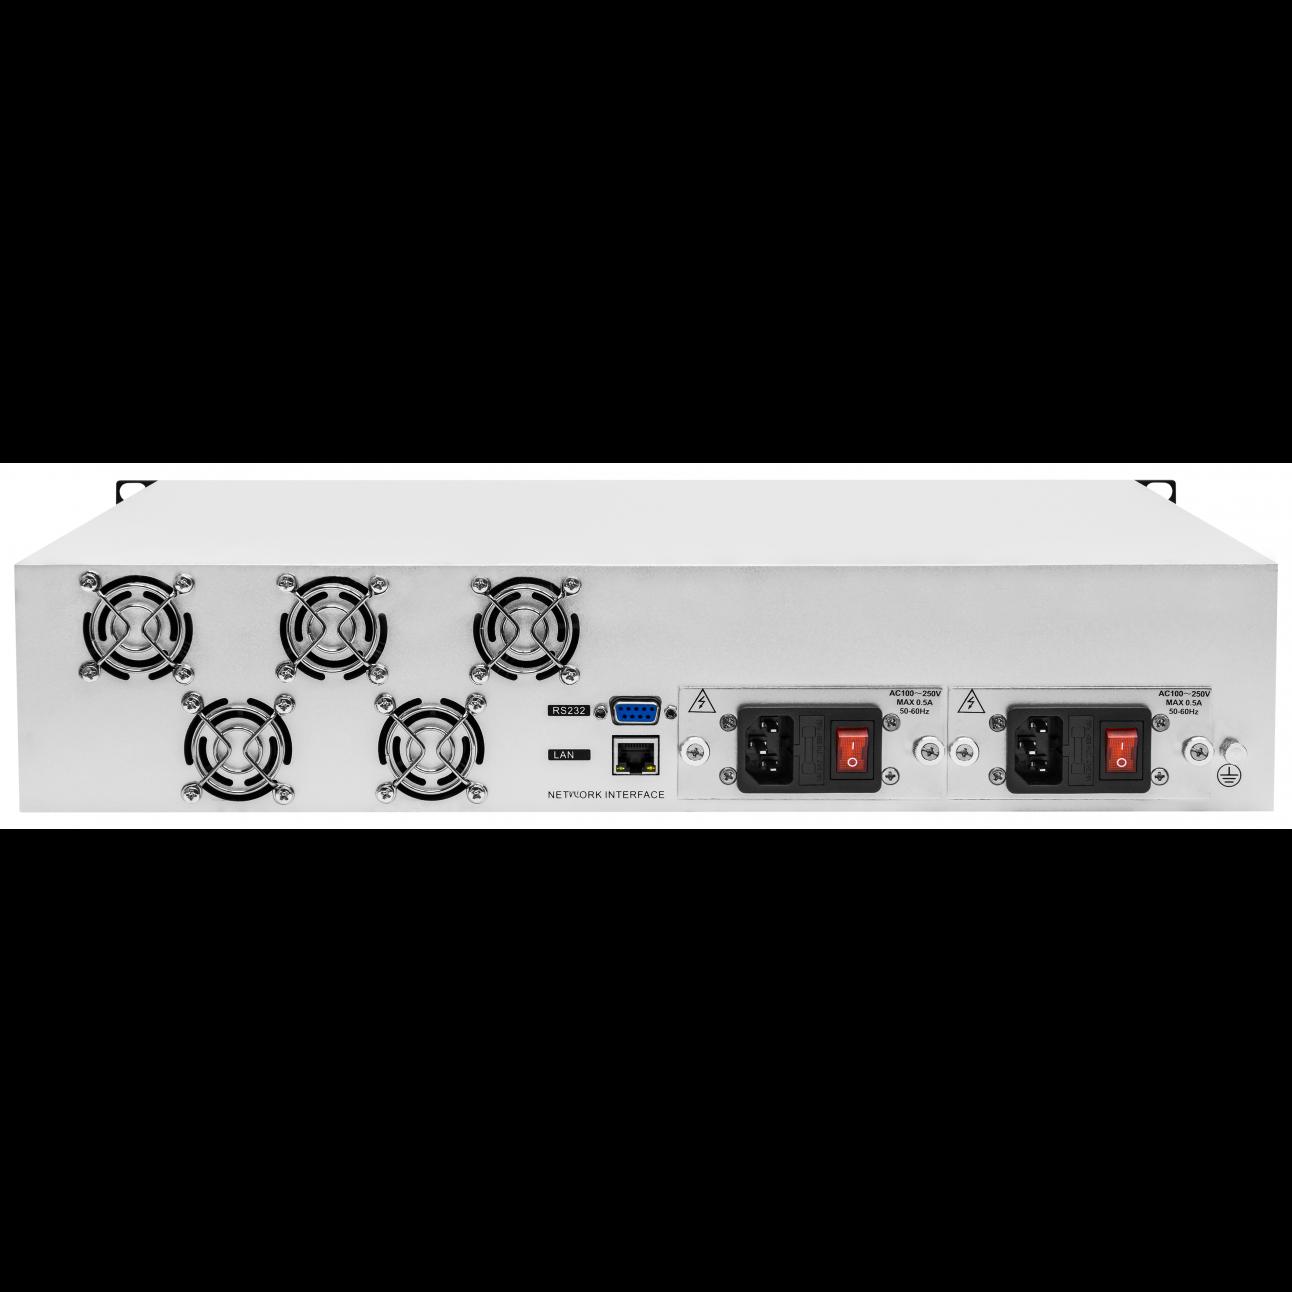 Оптический усилитель VERMAX для сетей КТВ, 8*21dBm, WDM фильтр PON